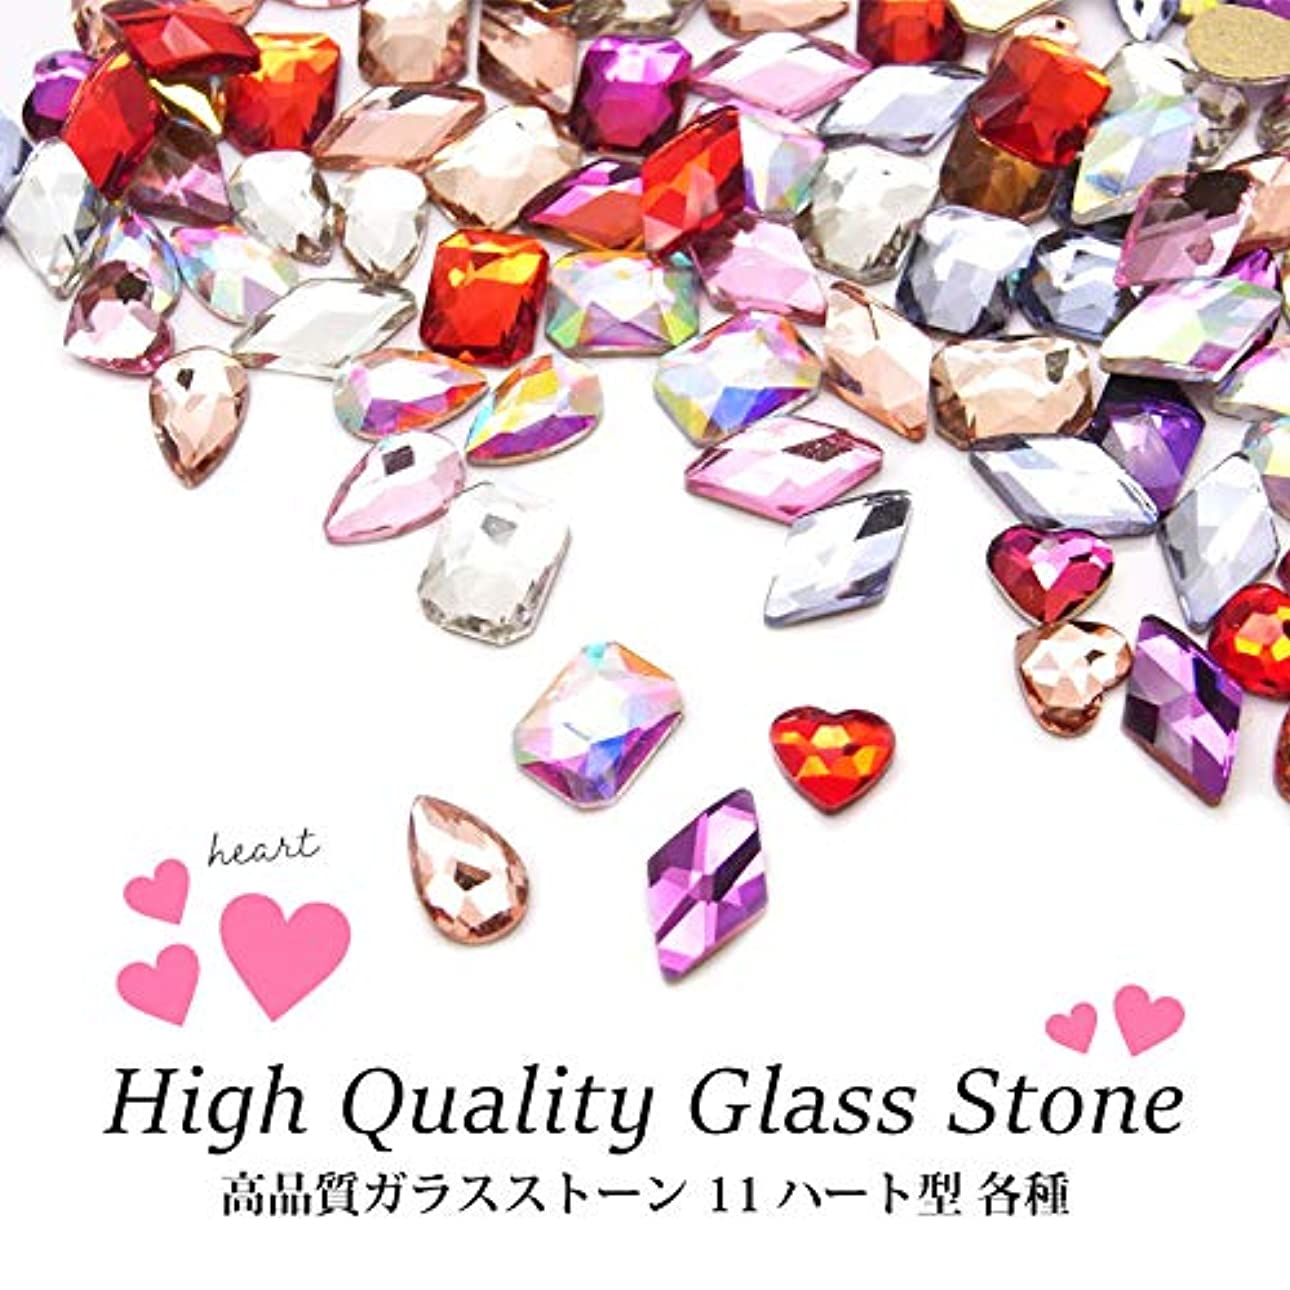 不純序文豊富な高品質ガラスストーン 11 ハート型 各種 5個入り (6.ライトローズ)